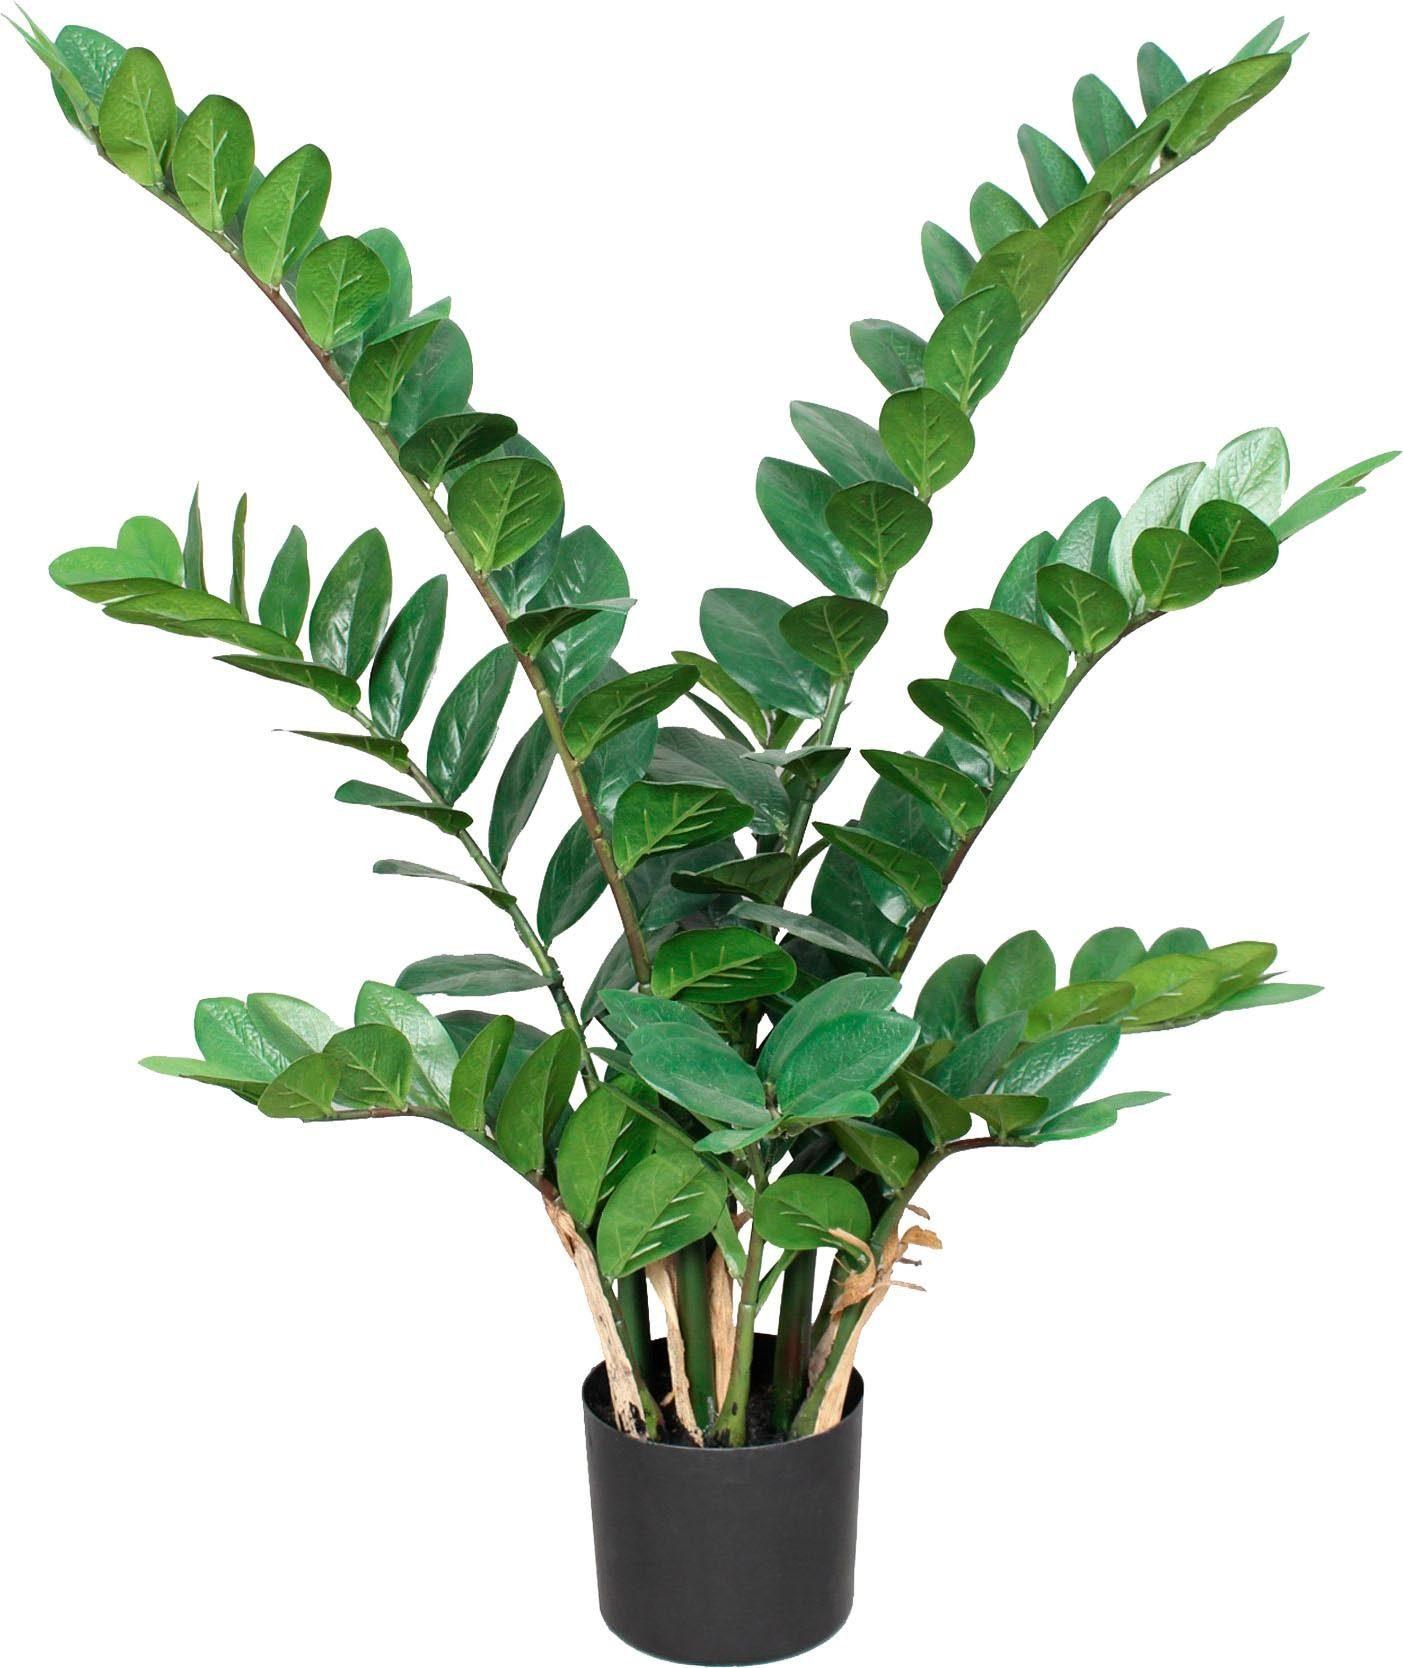 Künstliche Zimmerpflanze Höhe 80 cm